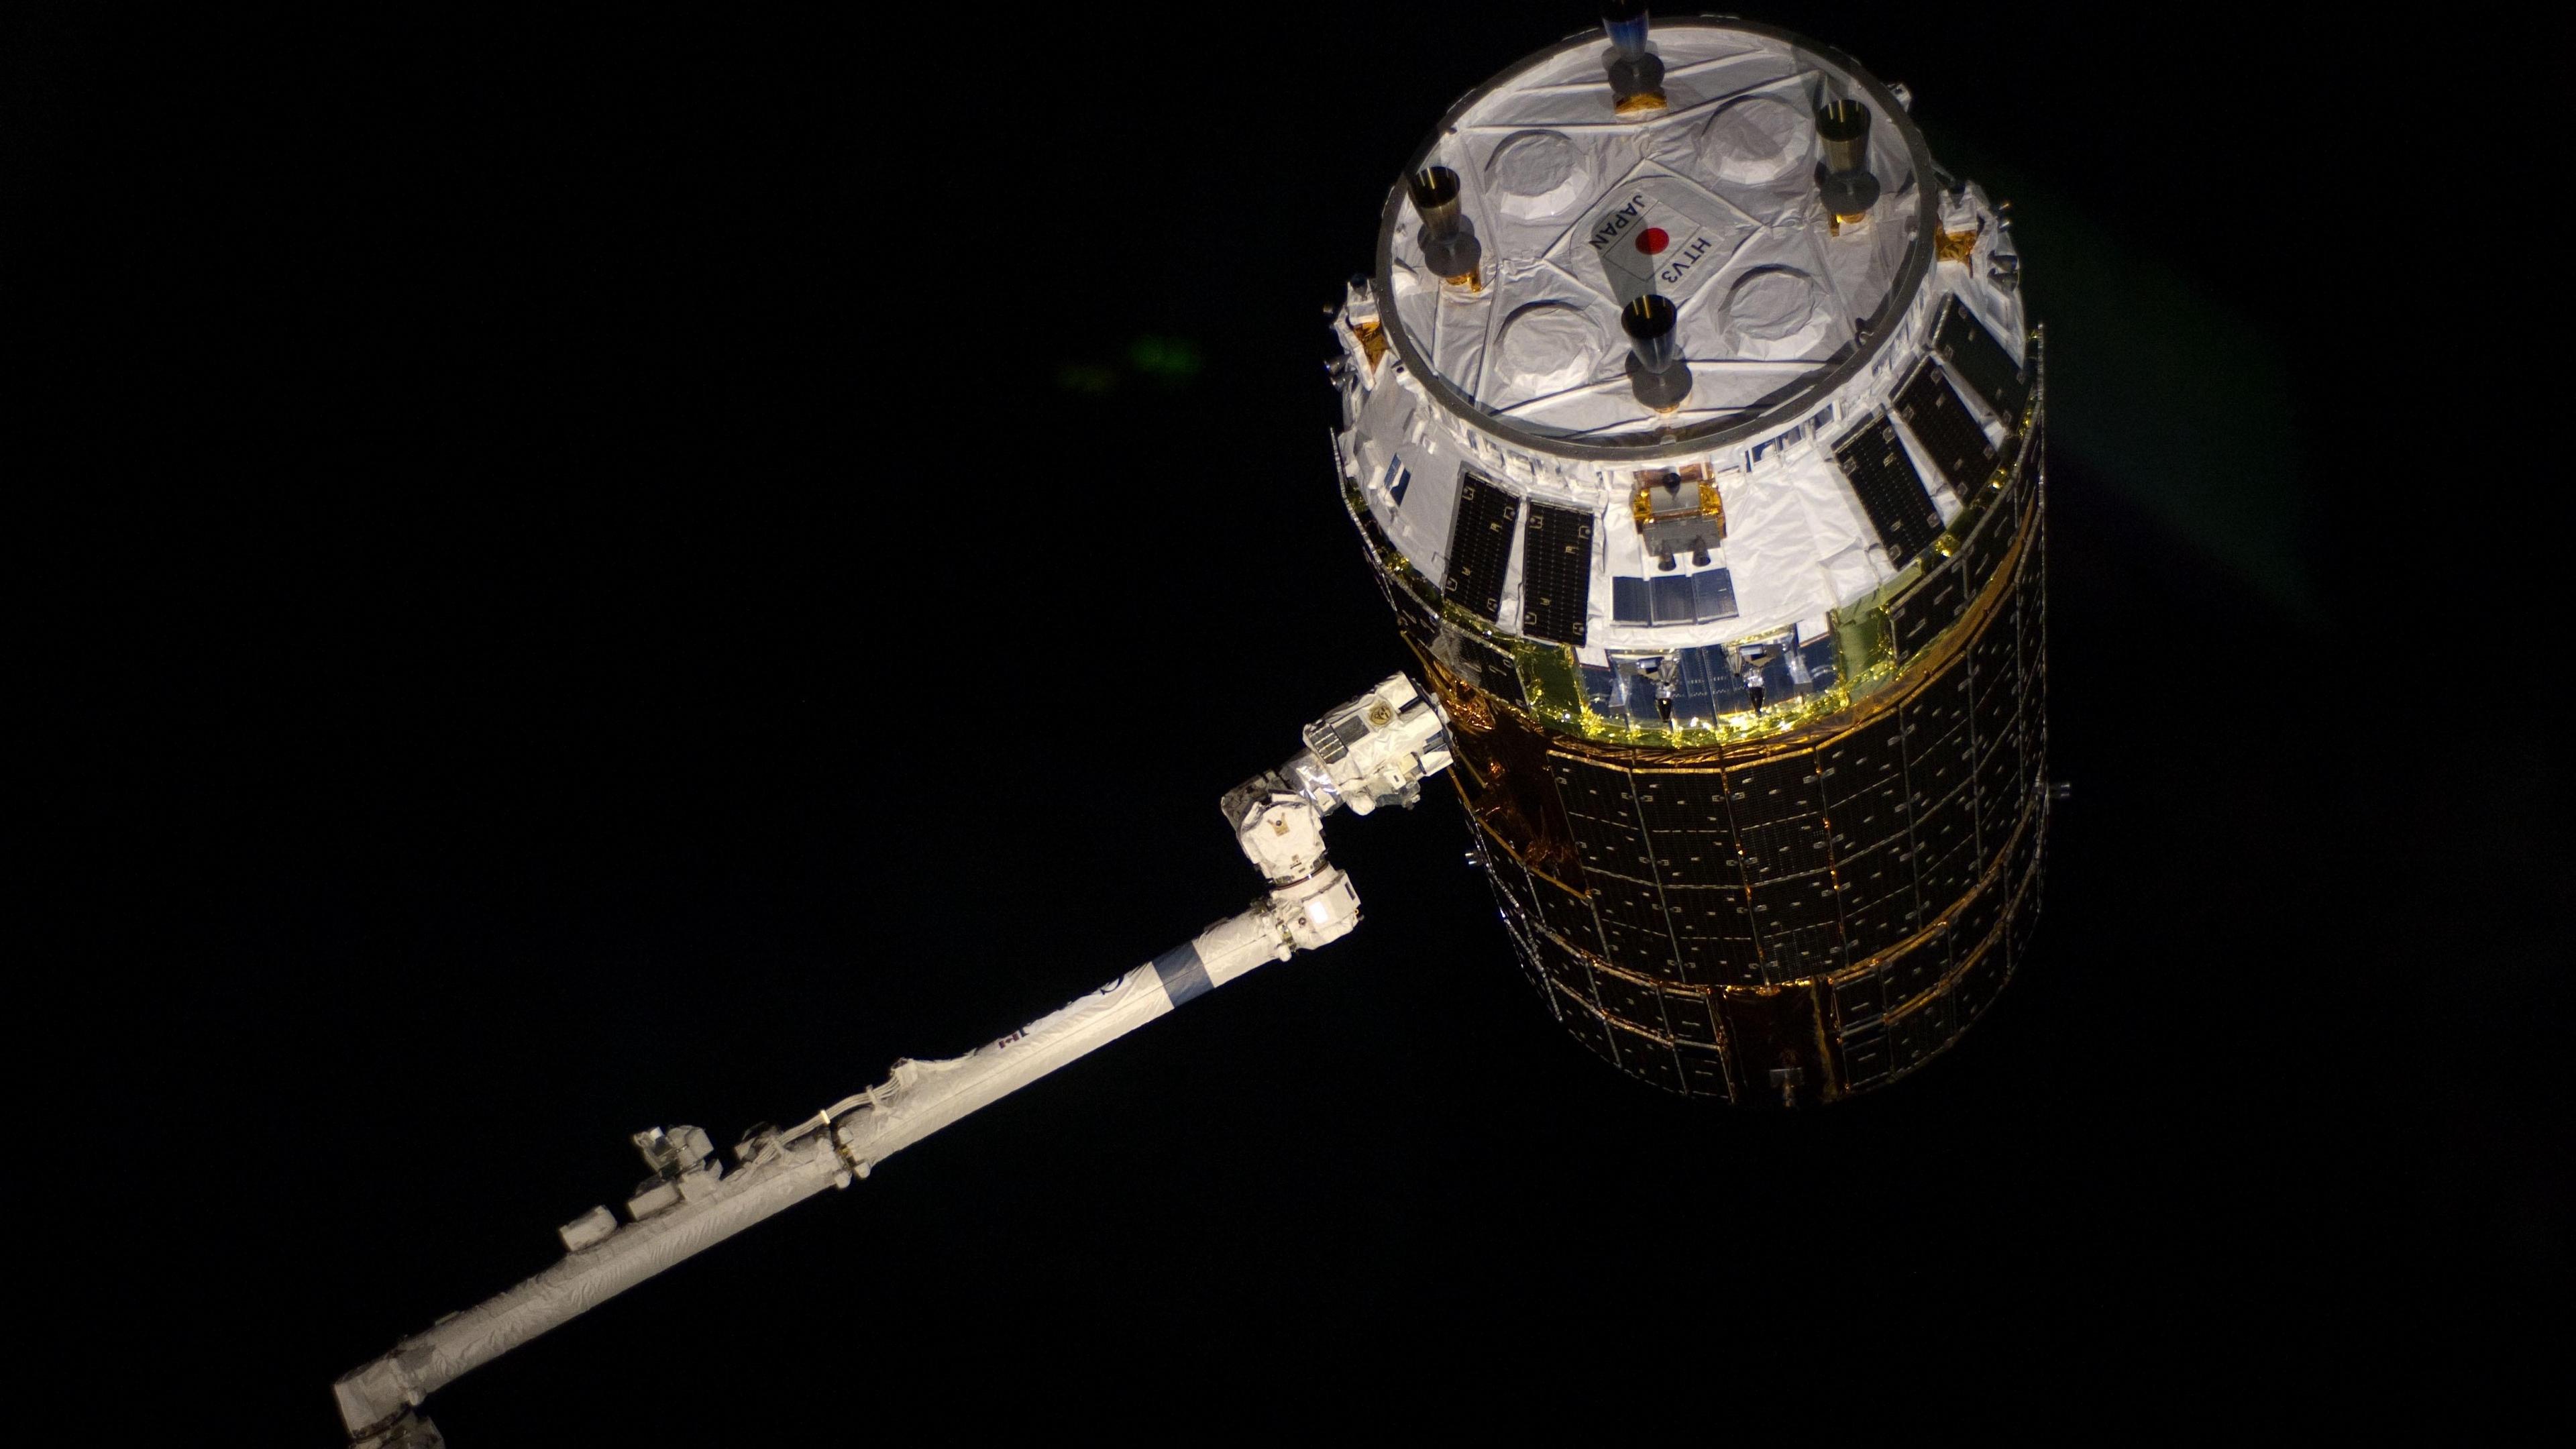 spacecraft kounotori 3 space 4k 1536013722 - spacecraft, kounotori 3, space 4k - spacecraft, Space, kounotori 3